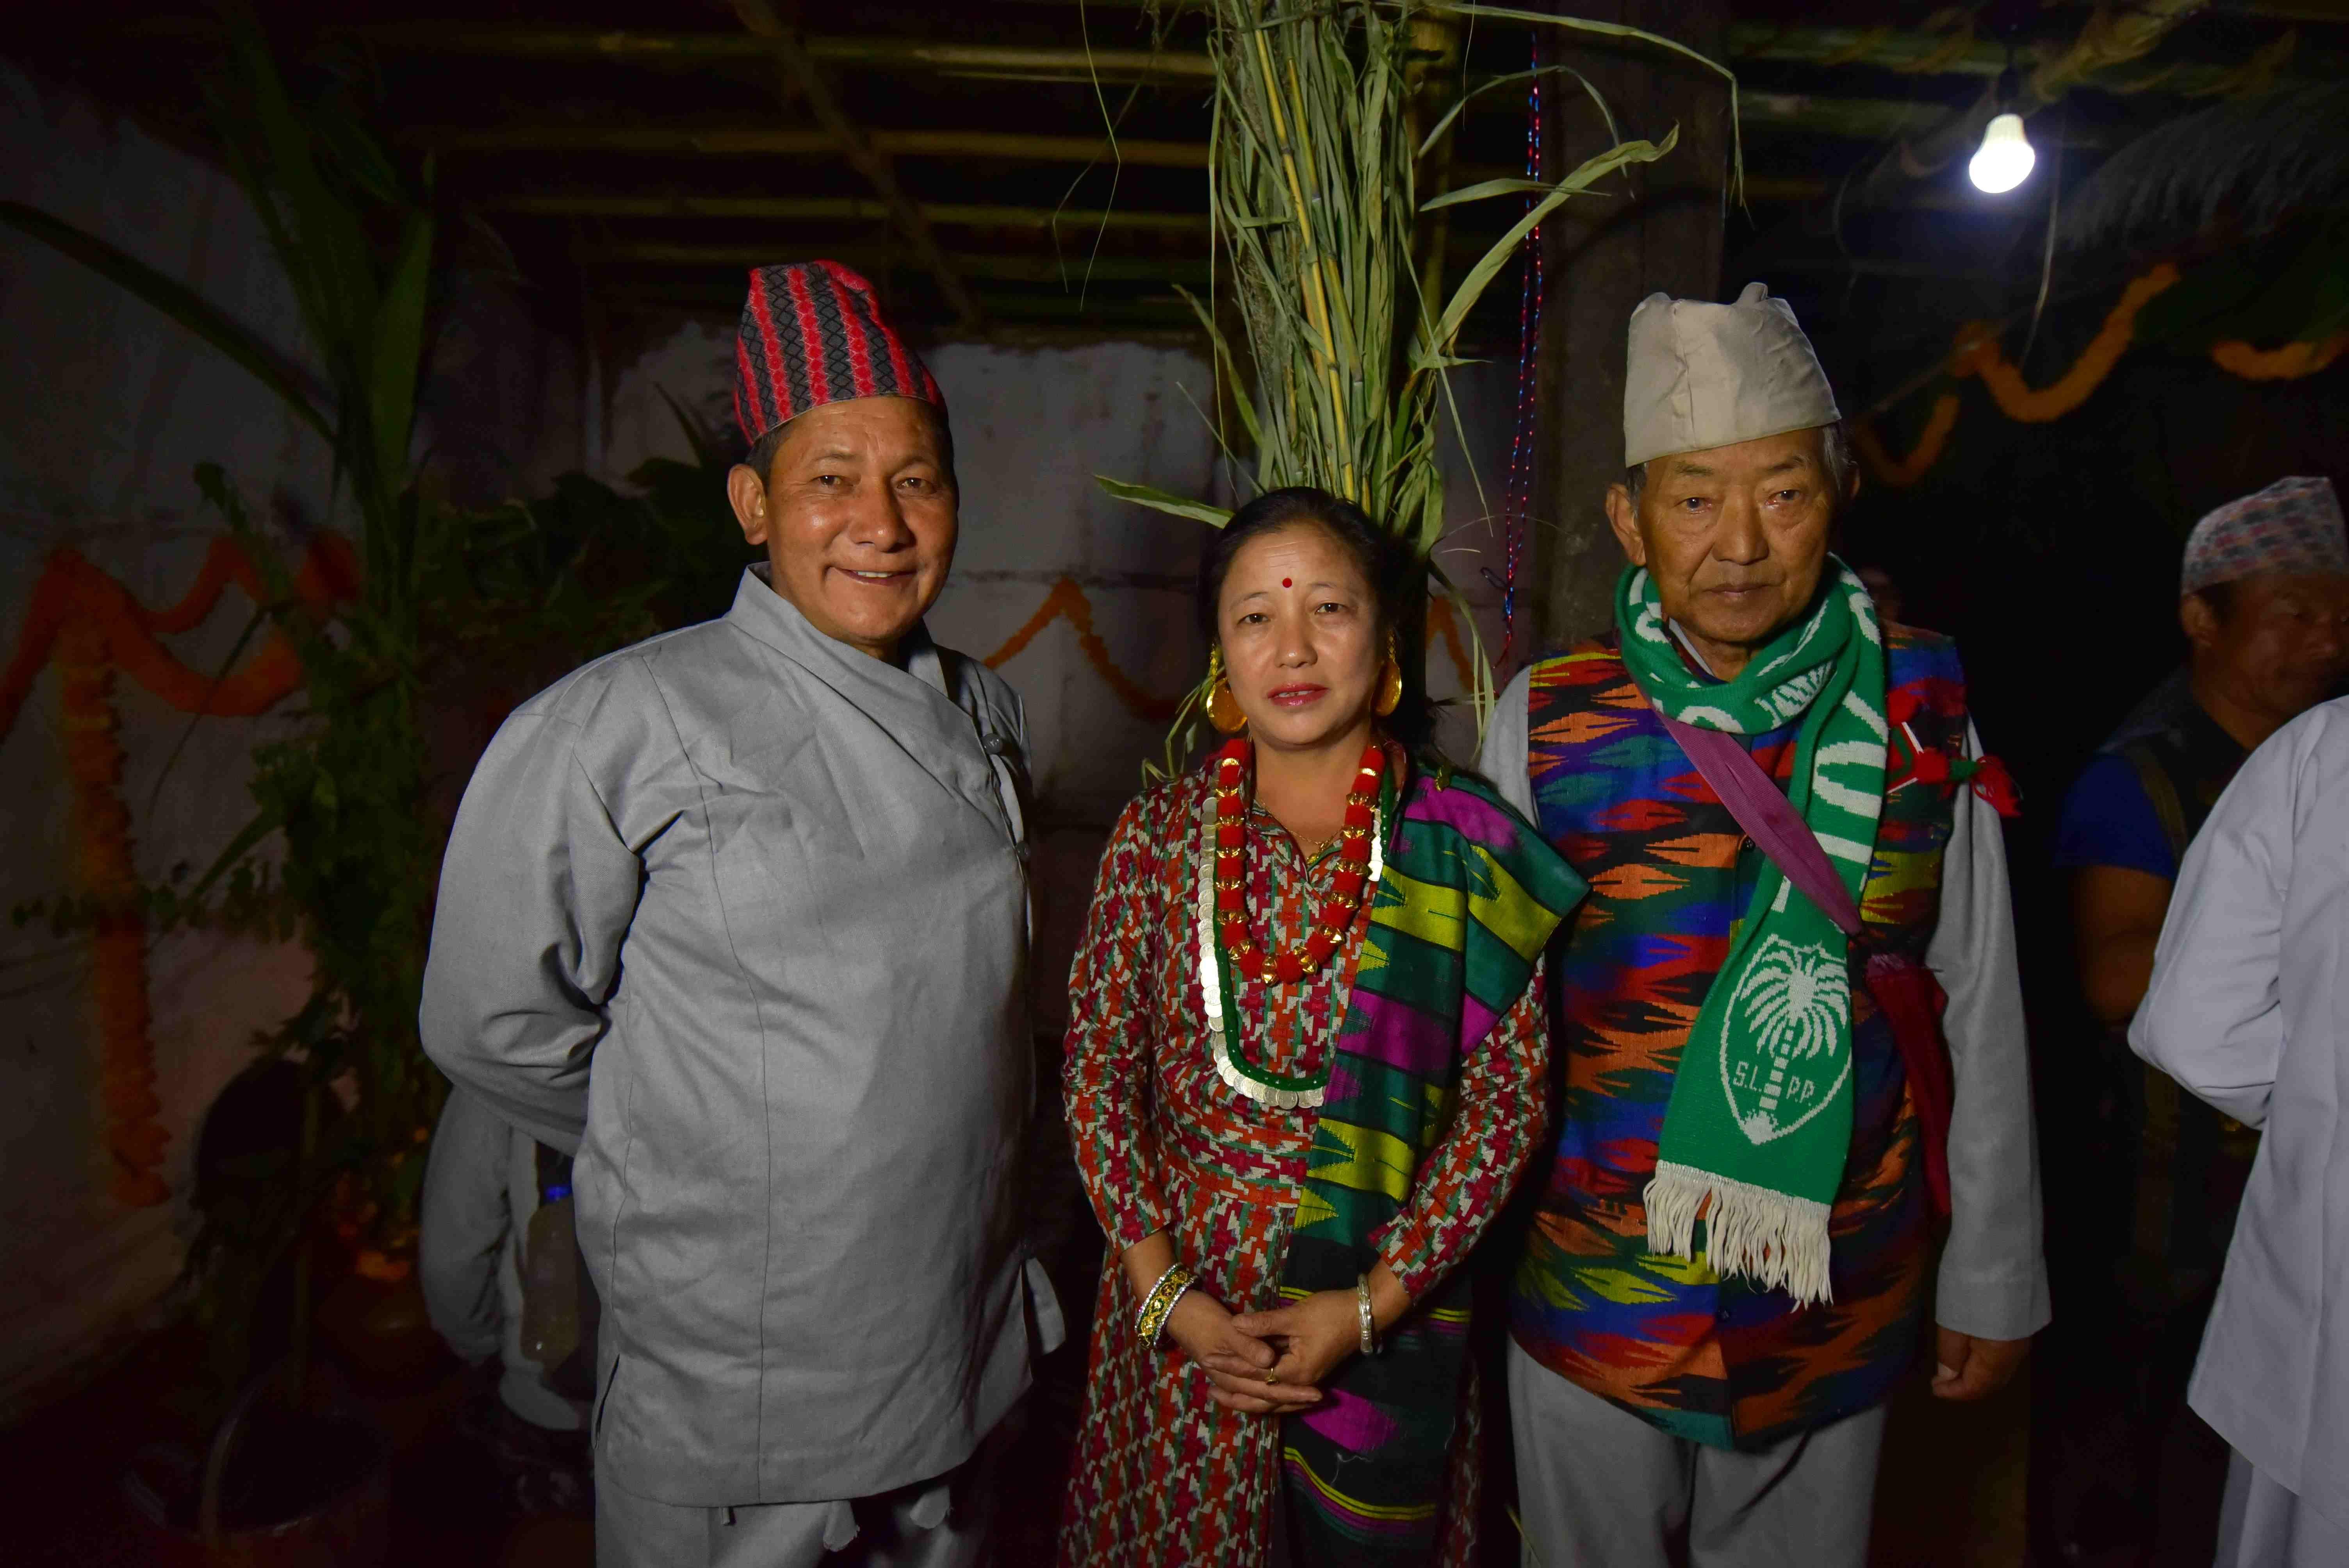 limbu culture in sikkim